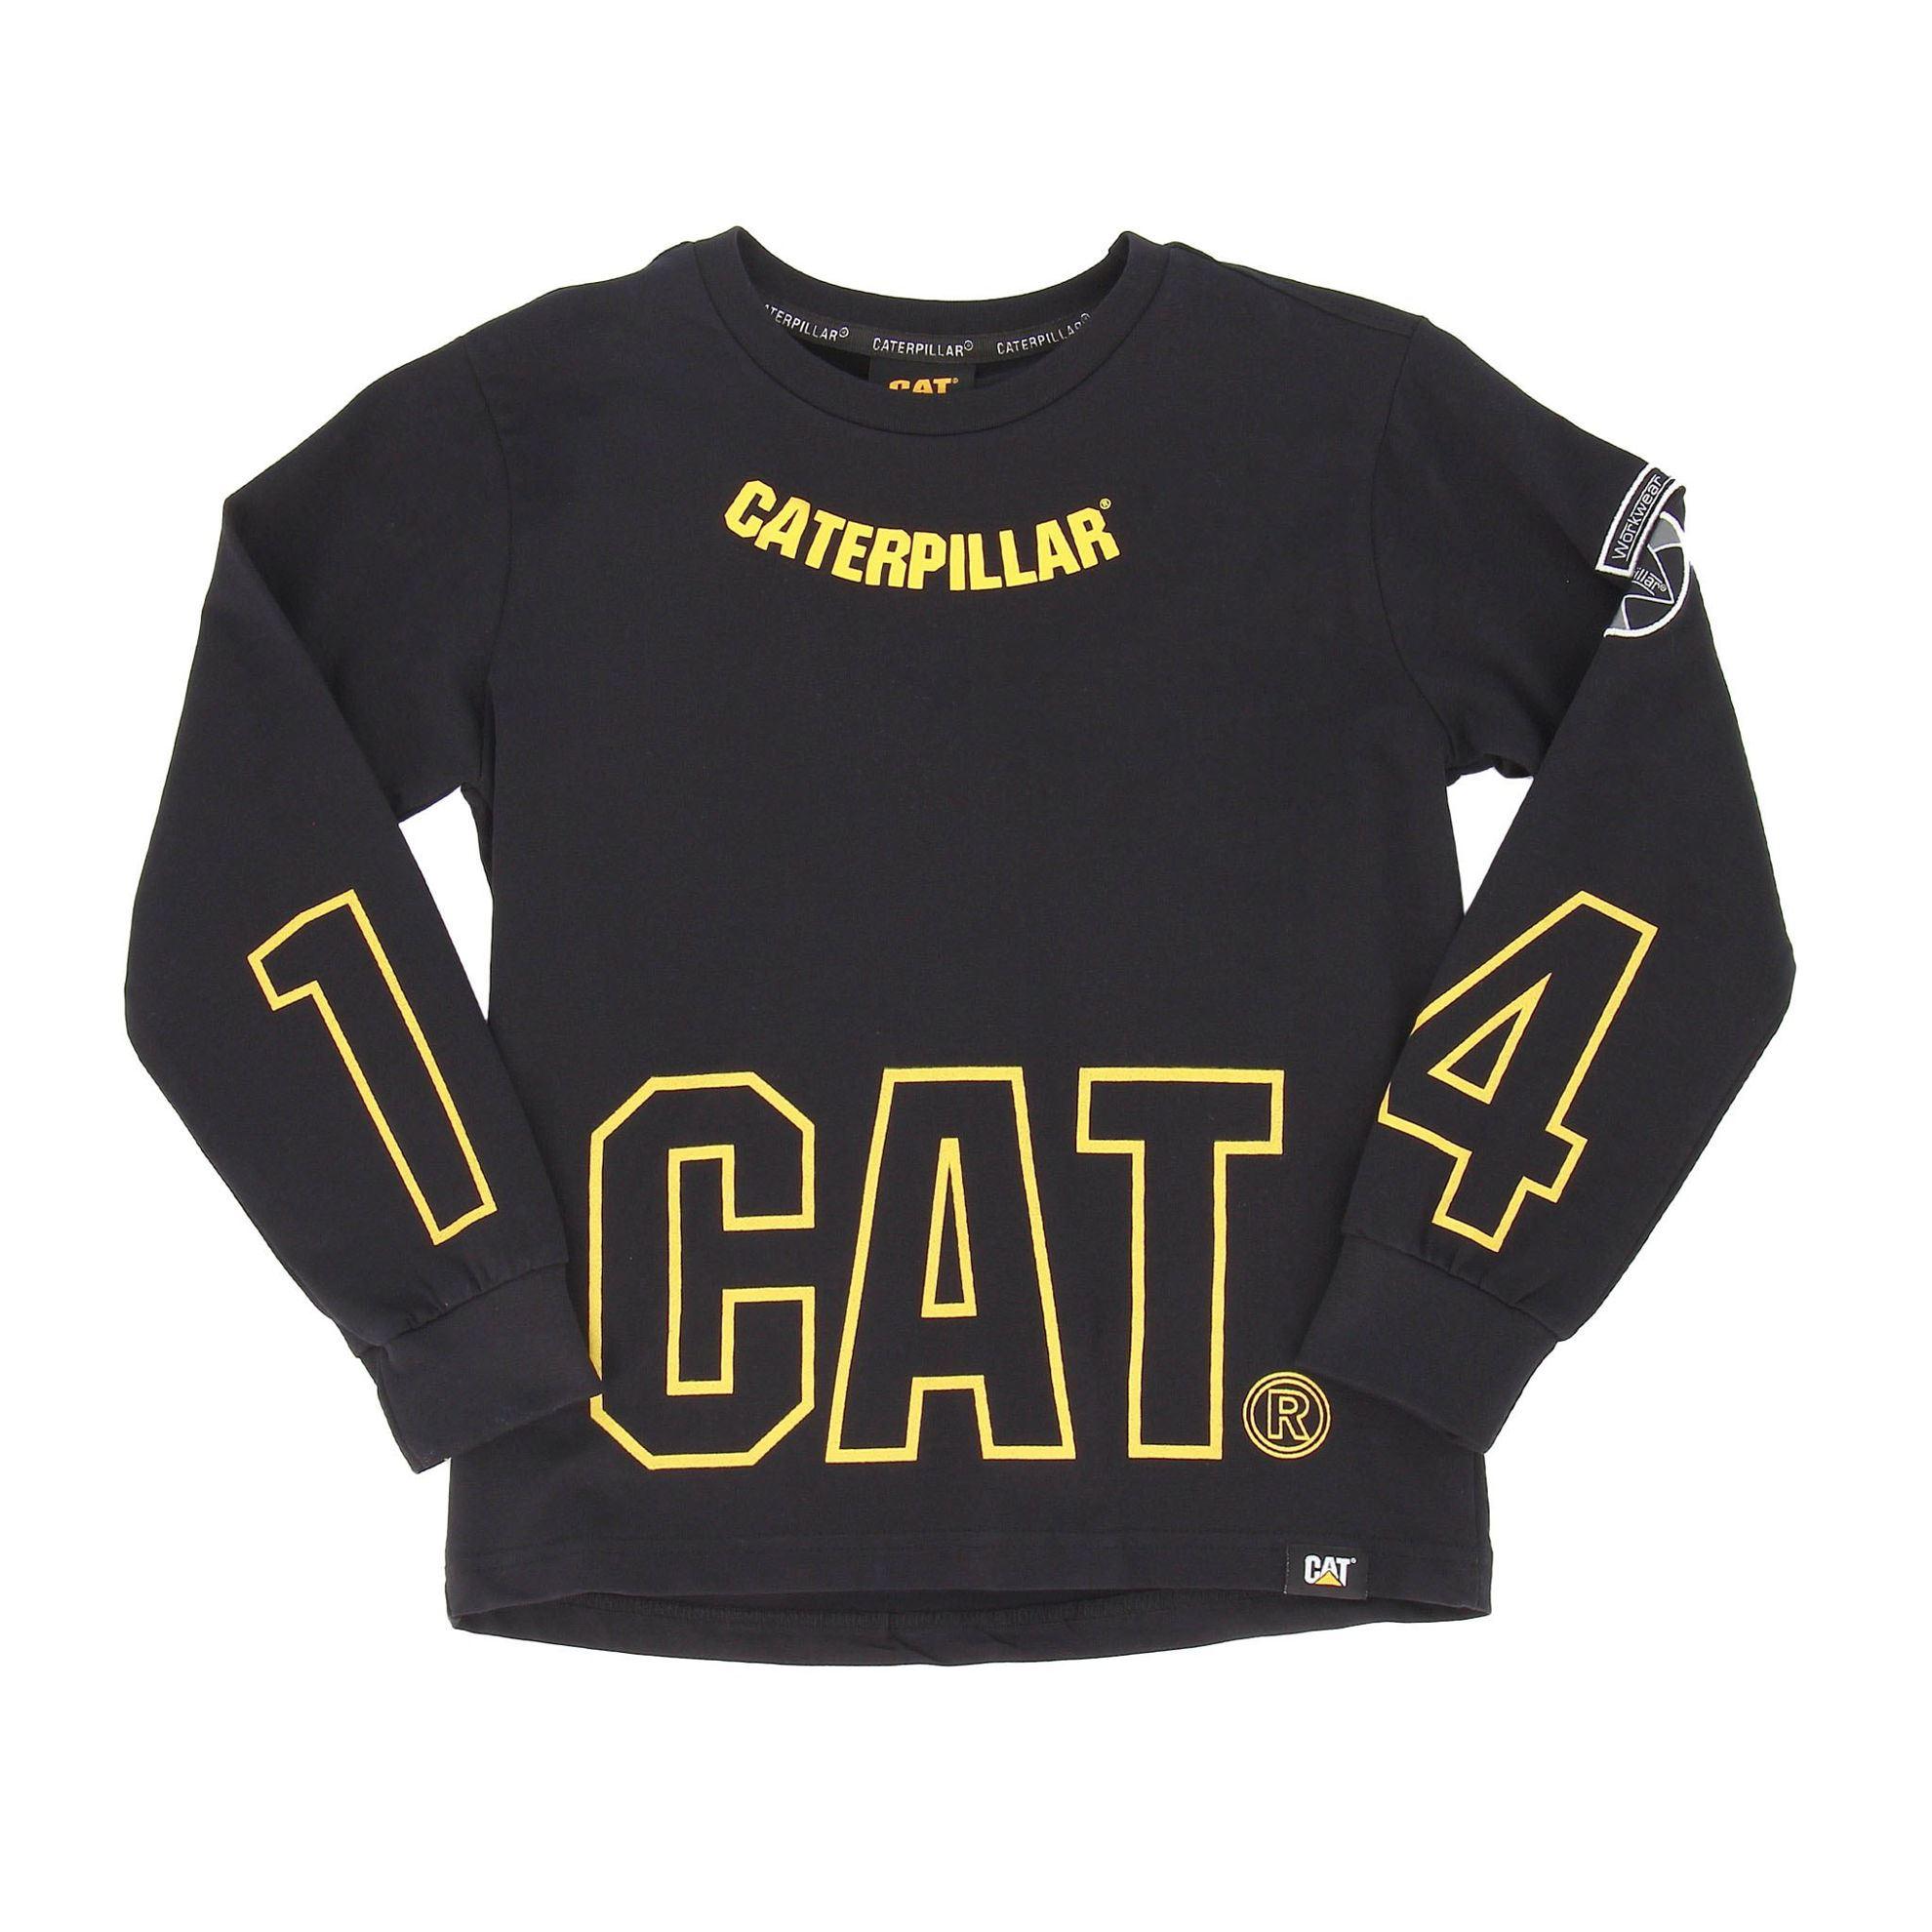 Immagine di CATERPILLAR - BOY TSHIRT MANICA LUNGA CAT GRANDE